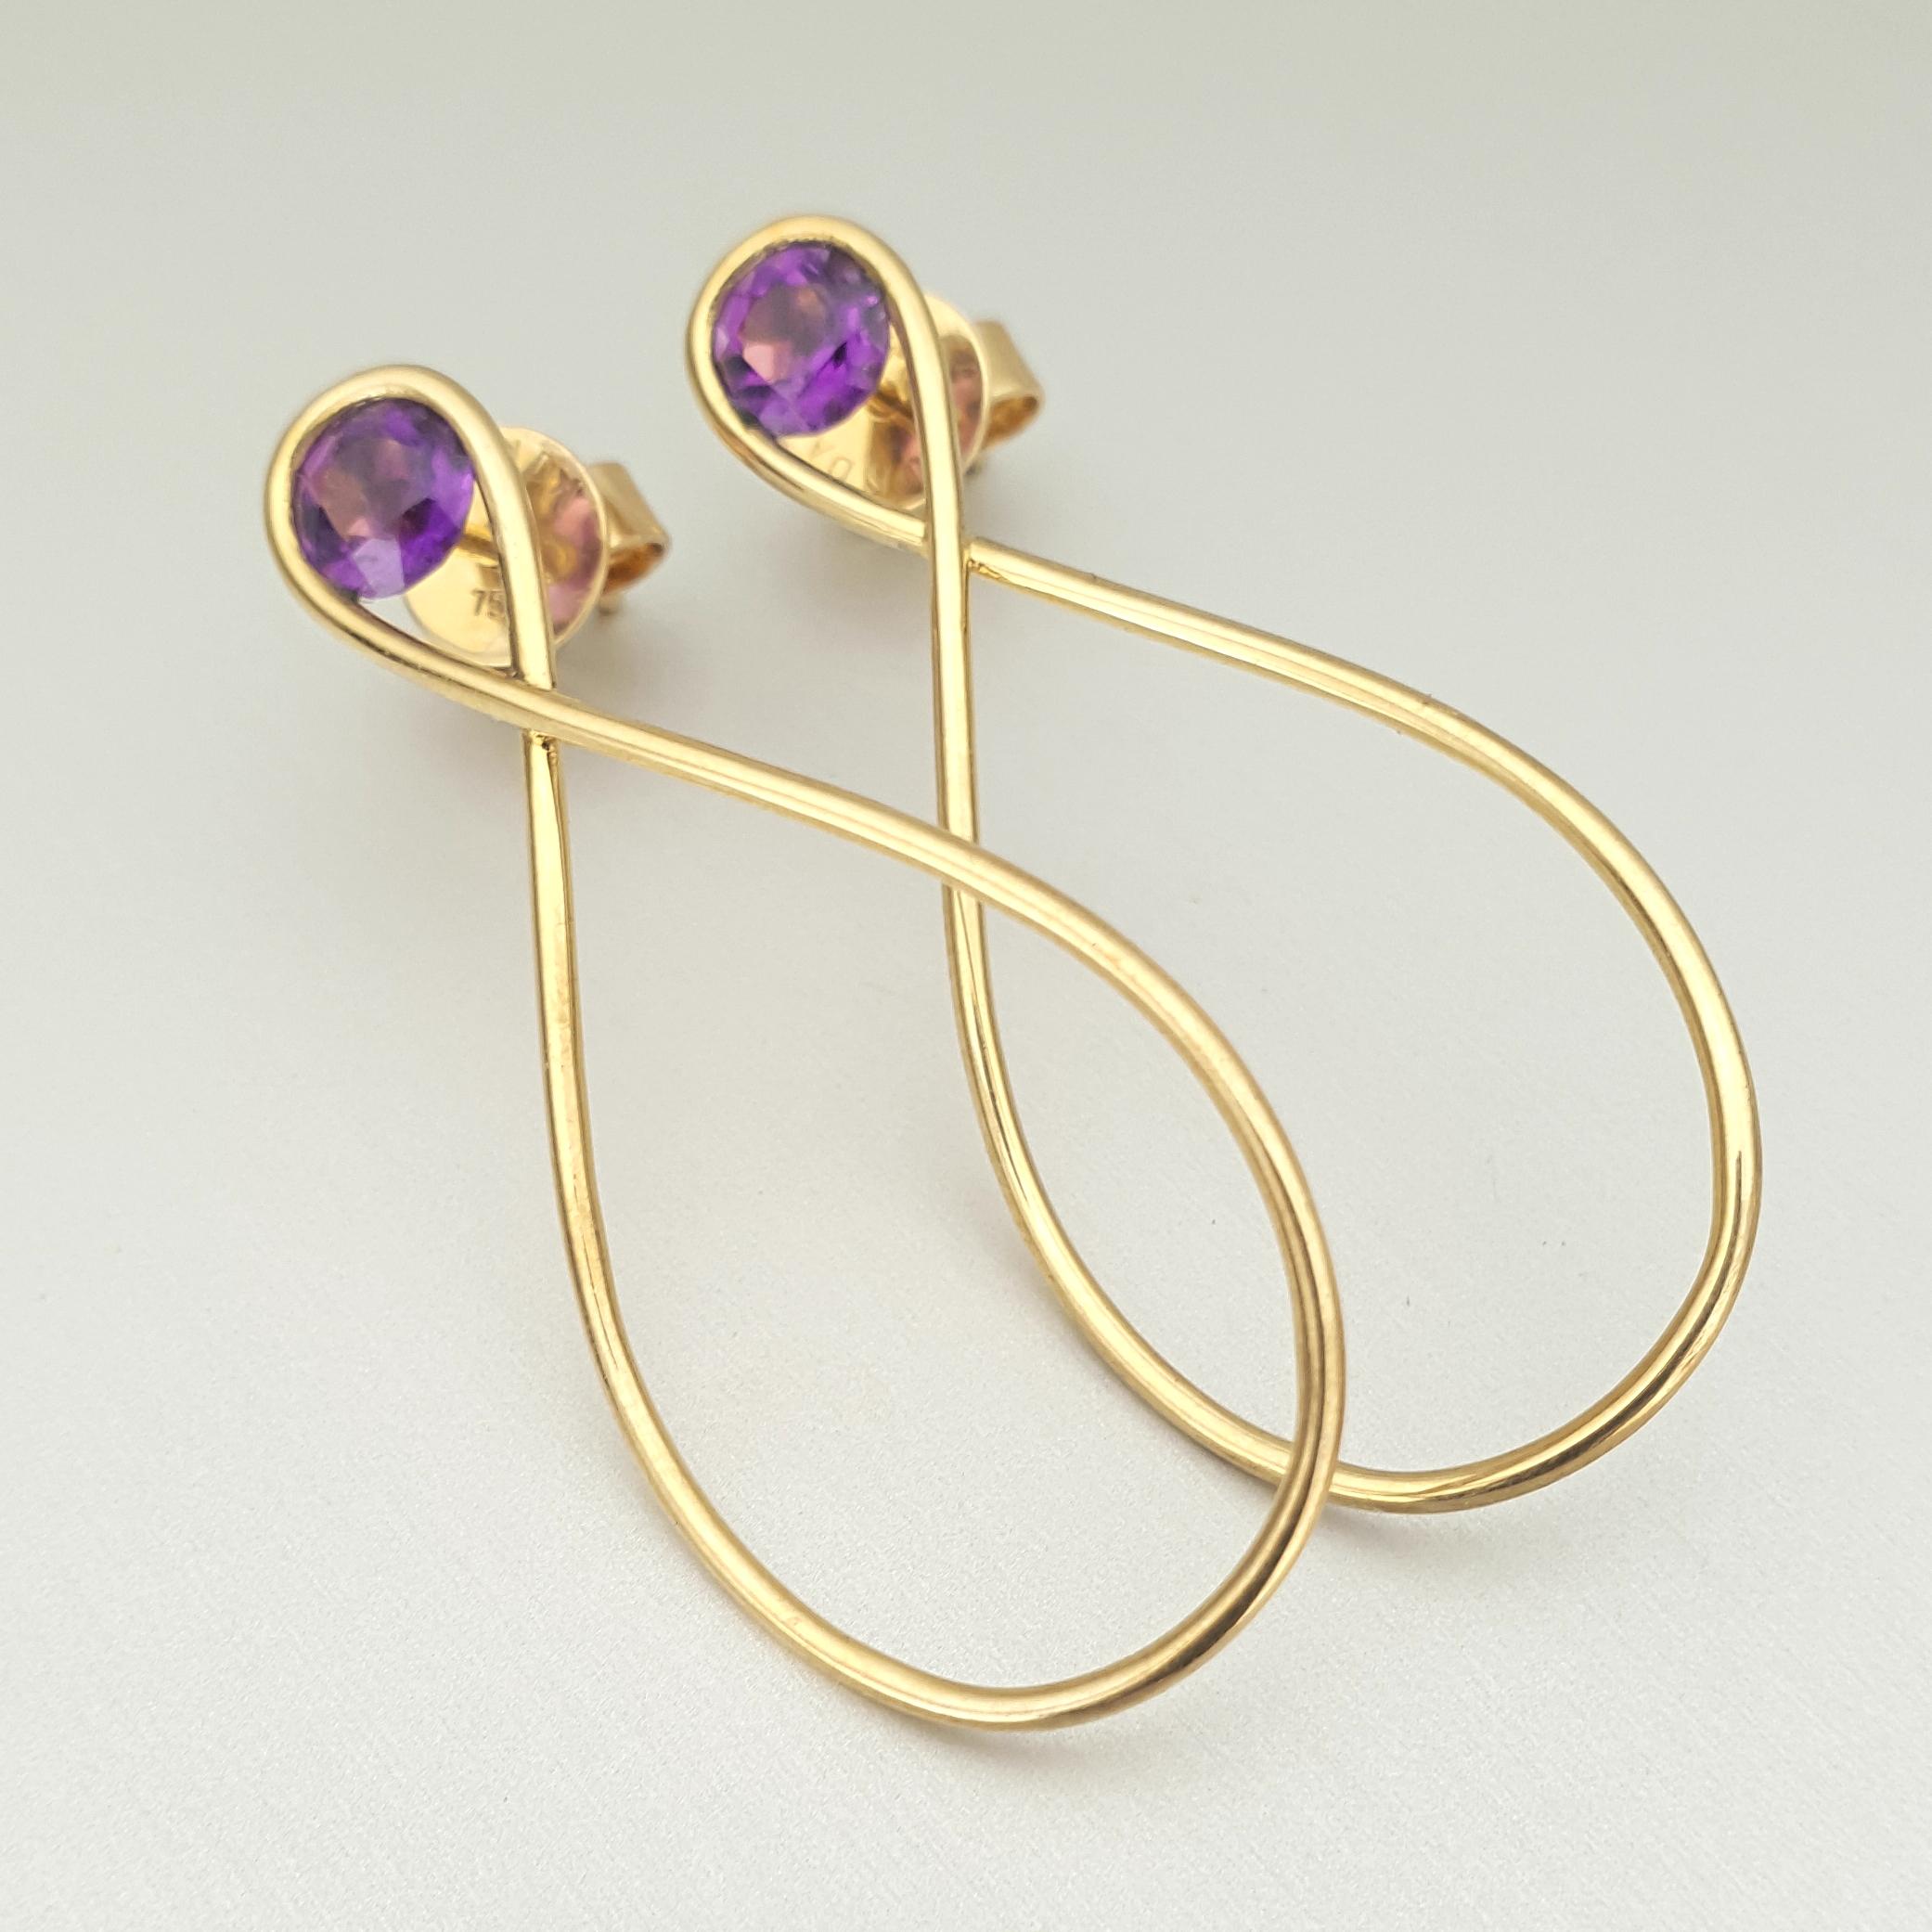 'Adara' Amethyst Earrings in 18ct Gold